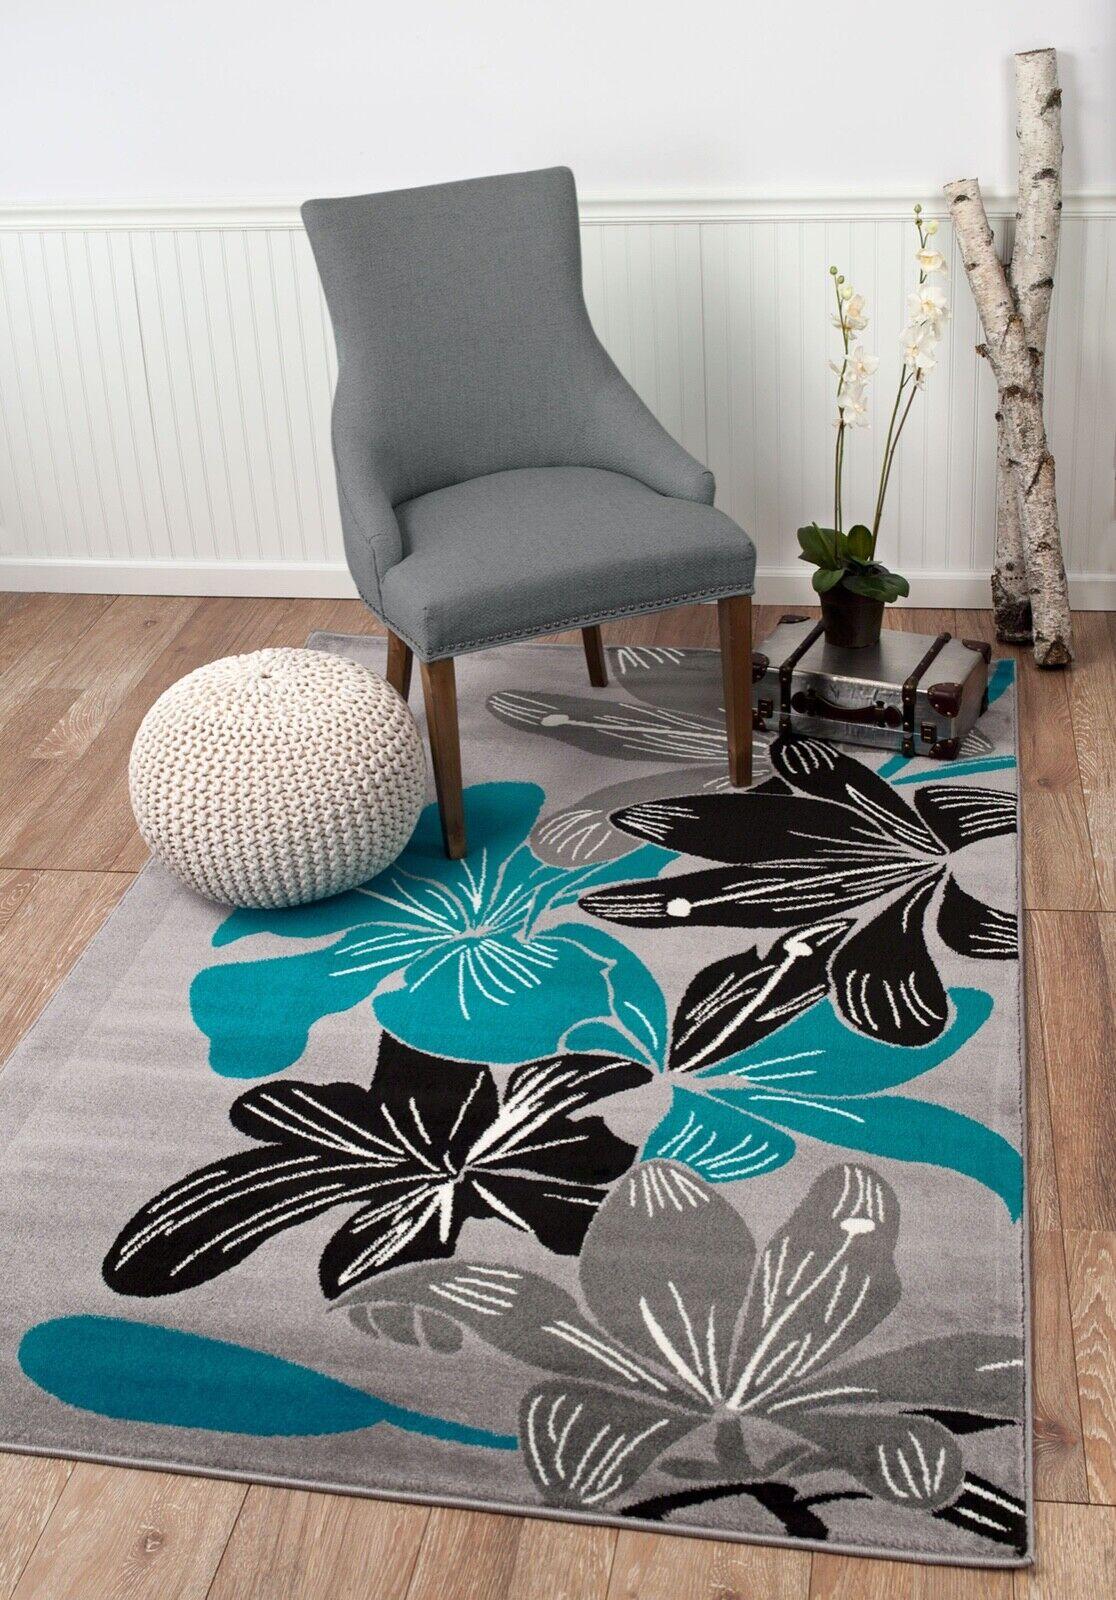 Area rug Smt#36 Floral gray black turquoise design soft pile